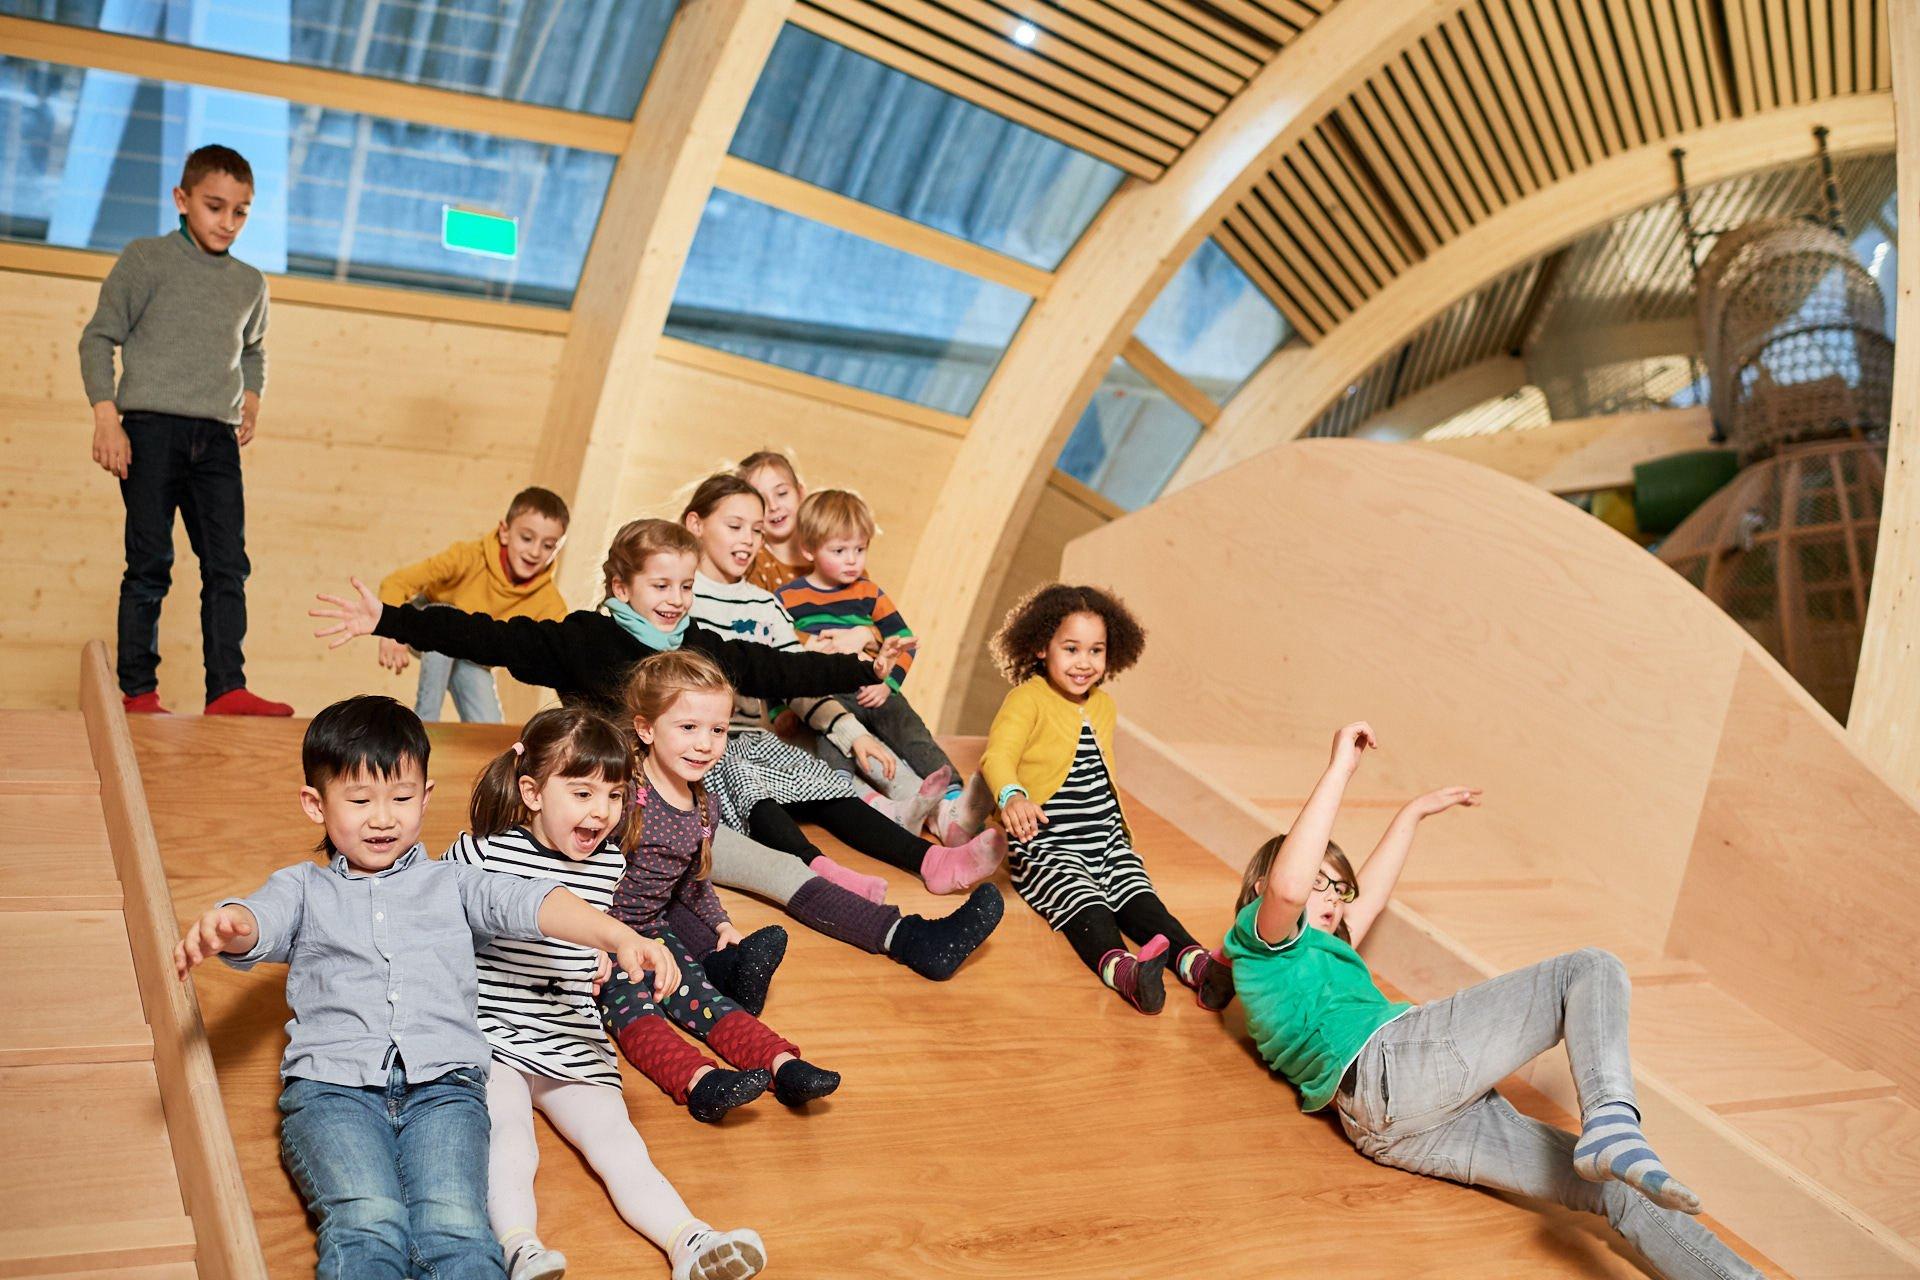 ANOHA Children's World - Olson Kundig - Yves Sucksdorff